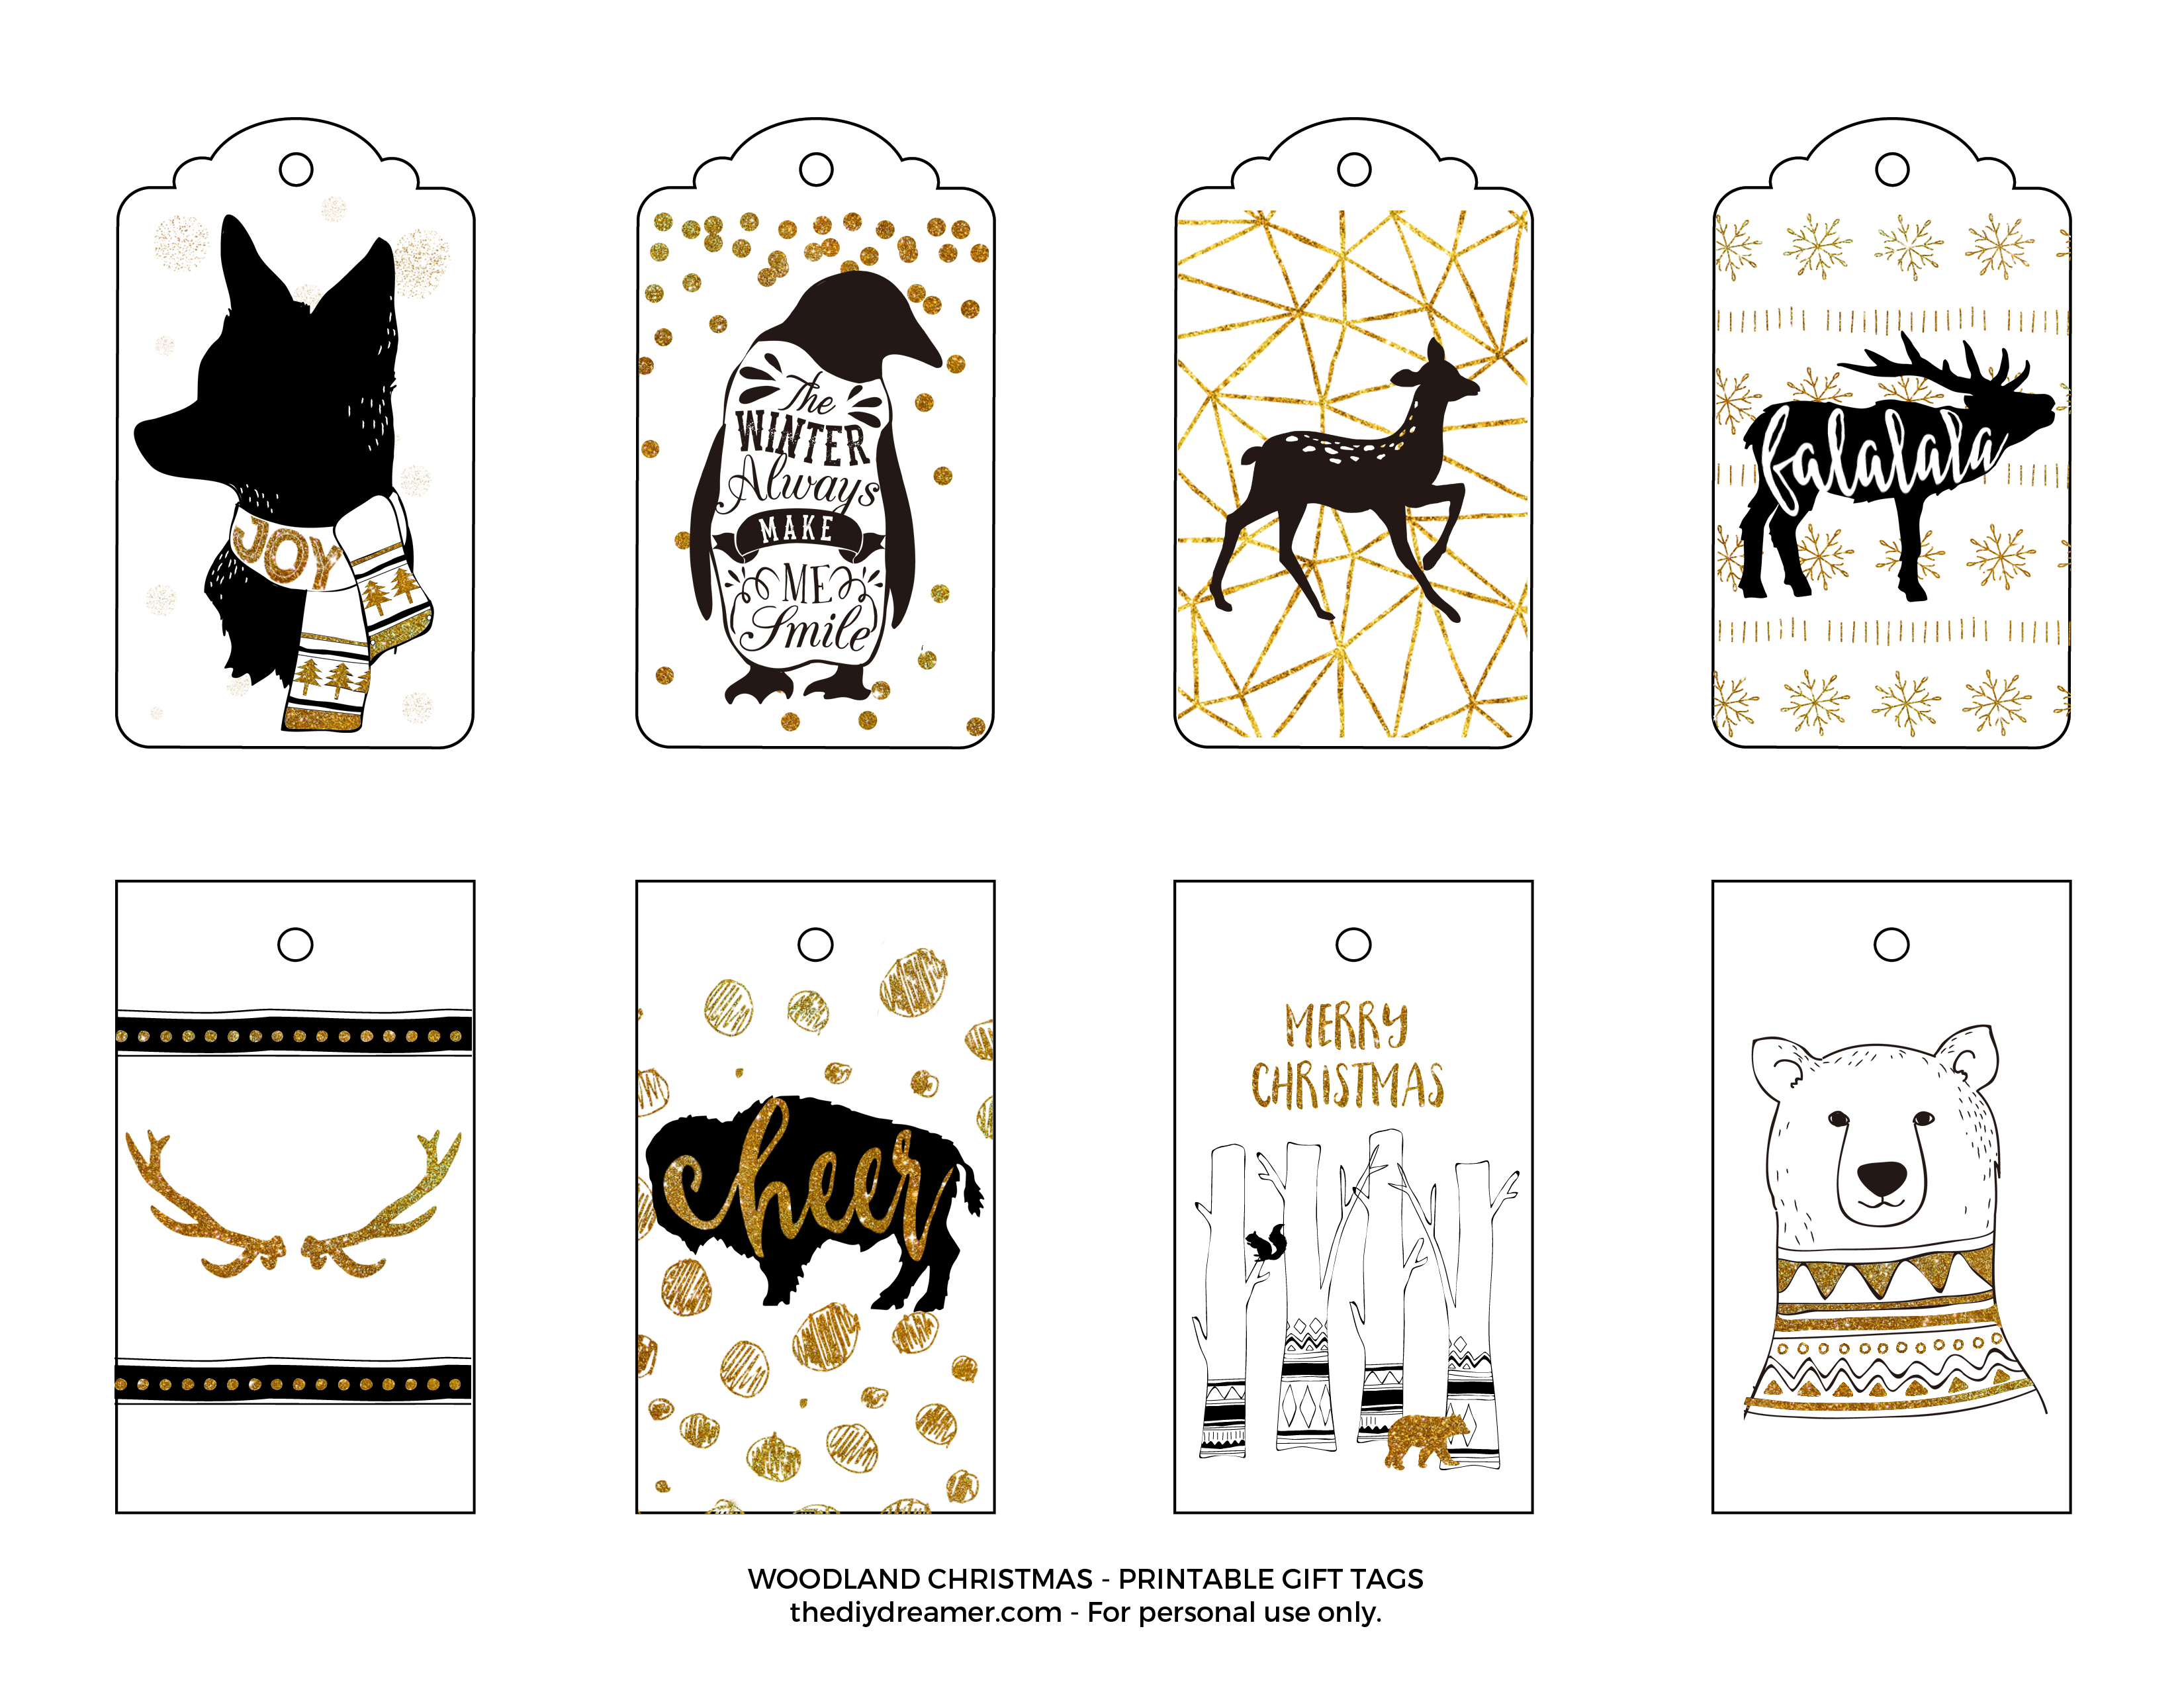 Woodland Christmas Printable Gift Tags - Black and Gold